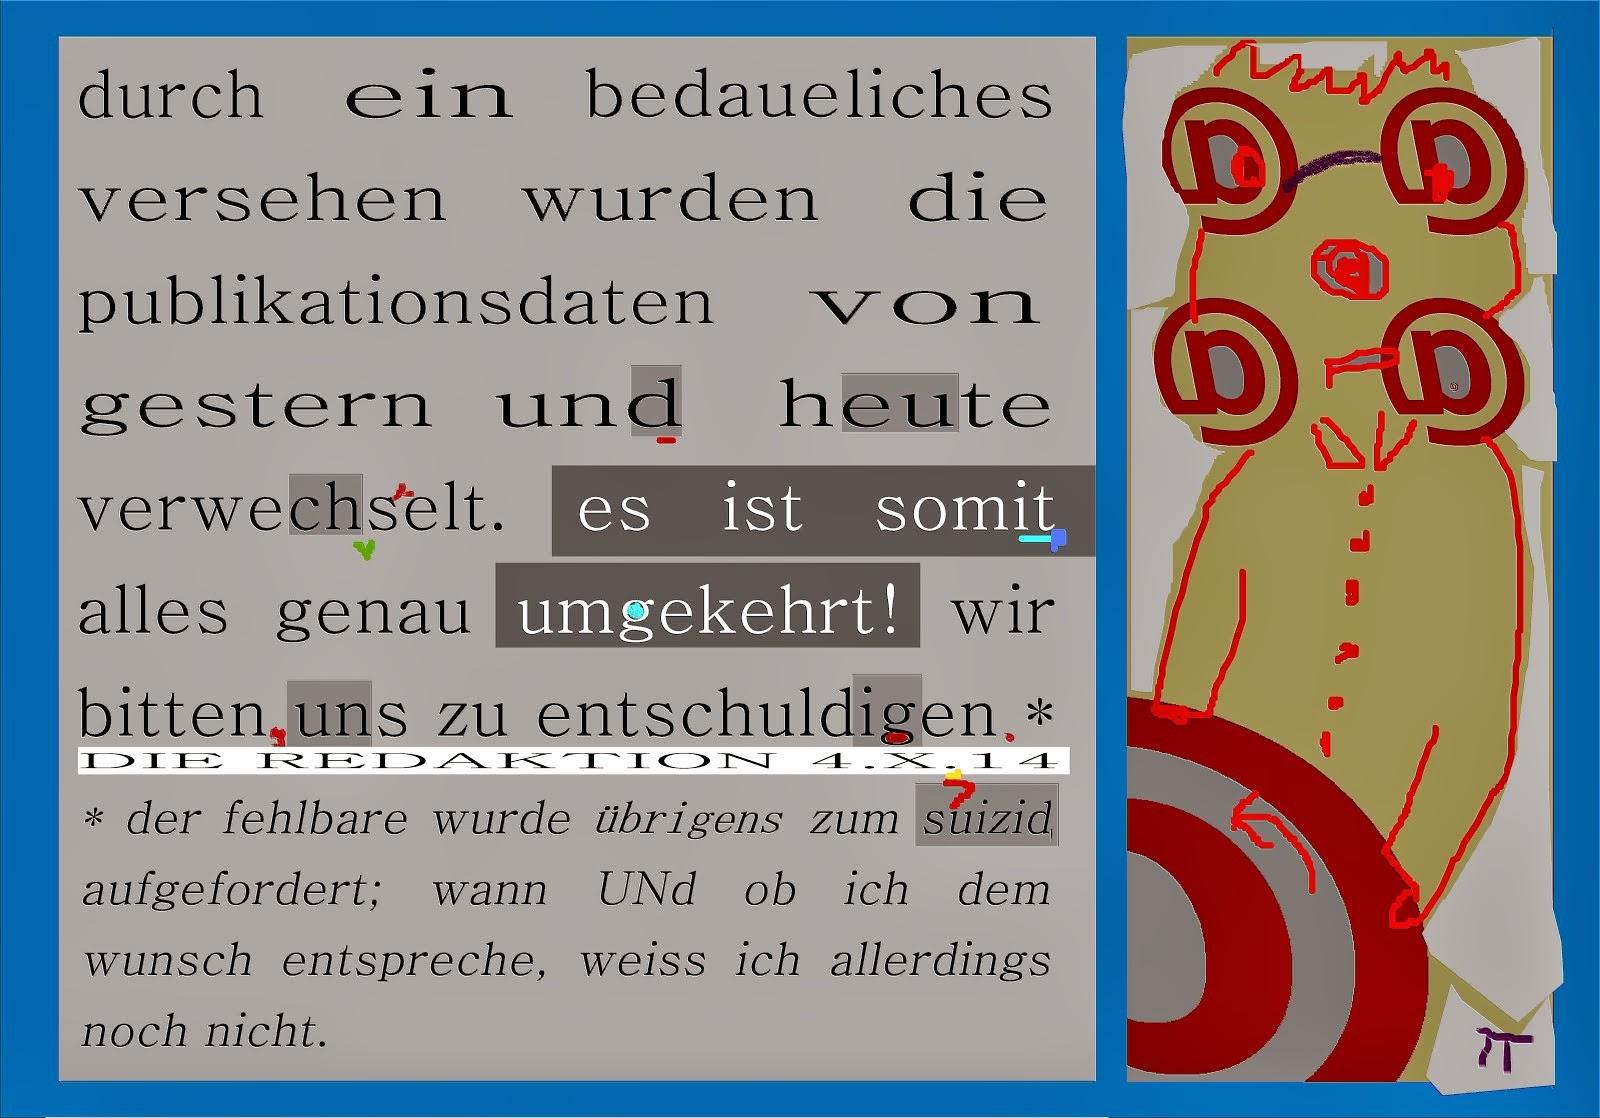 druckfehler berichtigung redaktion spass suizidaufforderung in deutschland straffrei